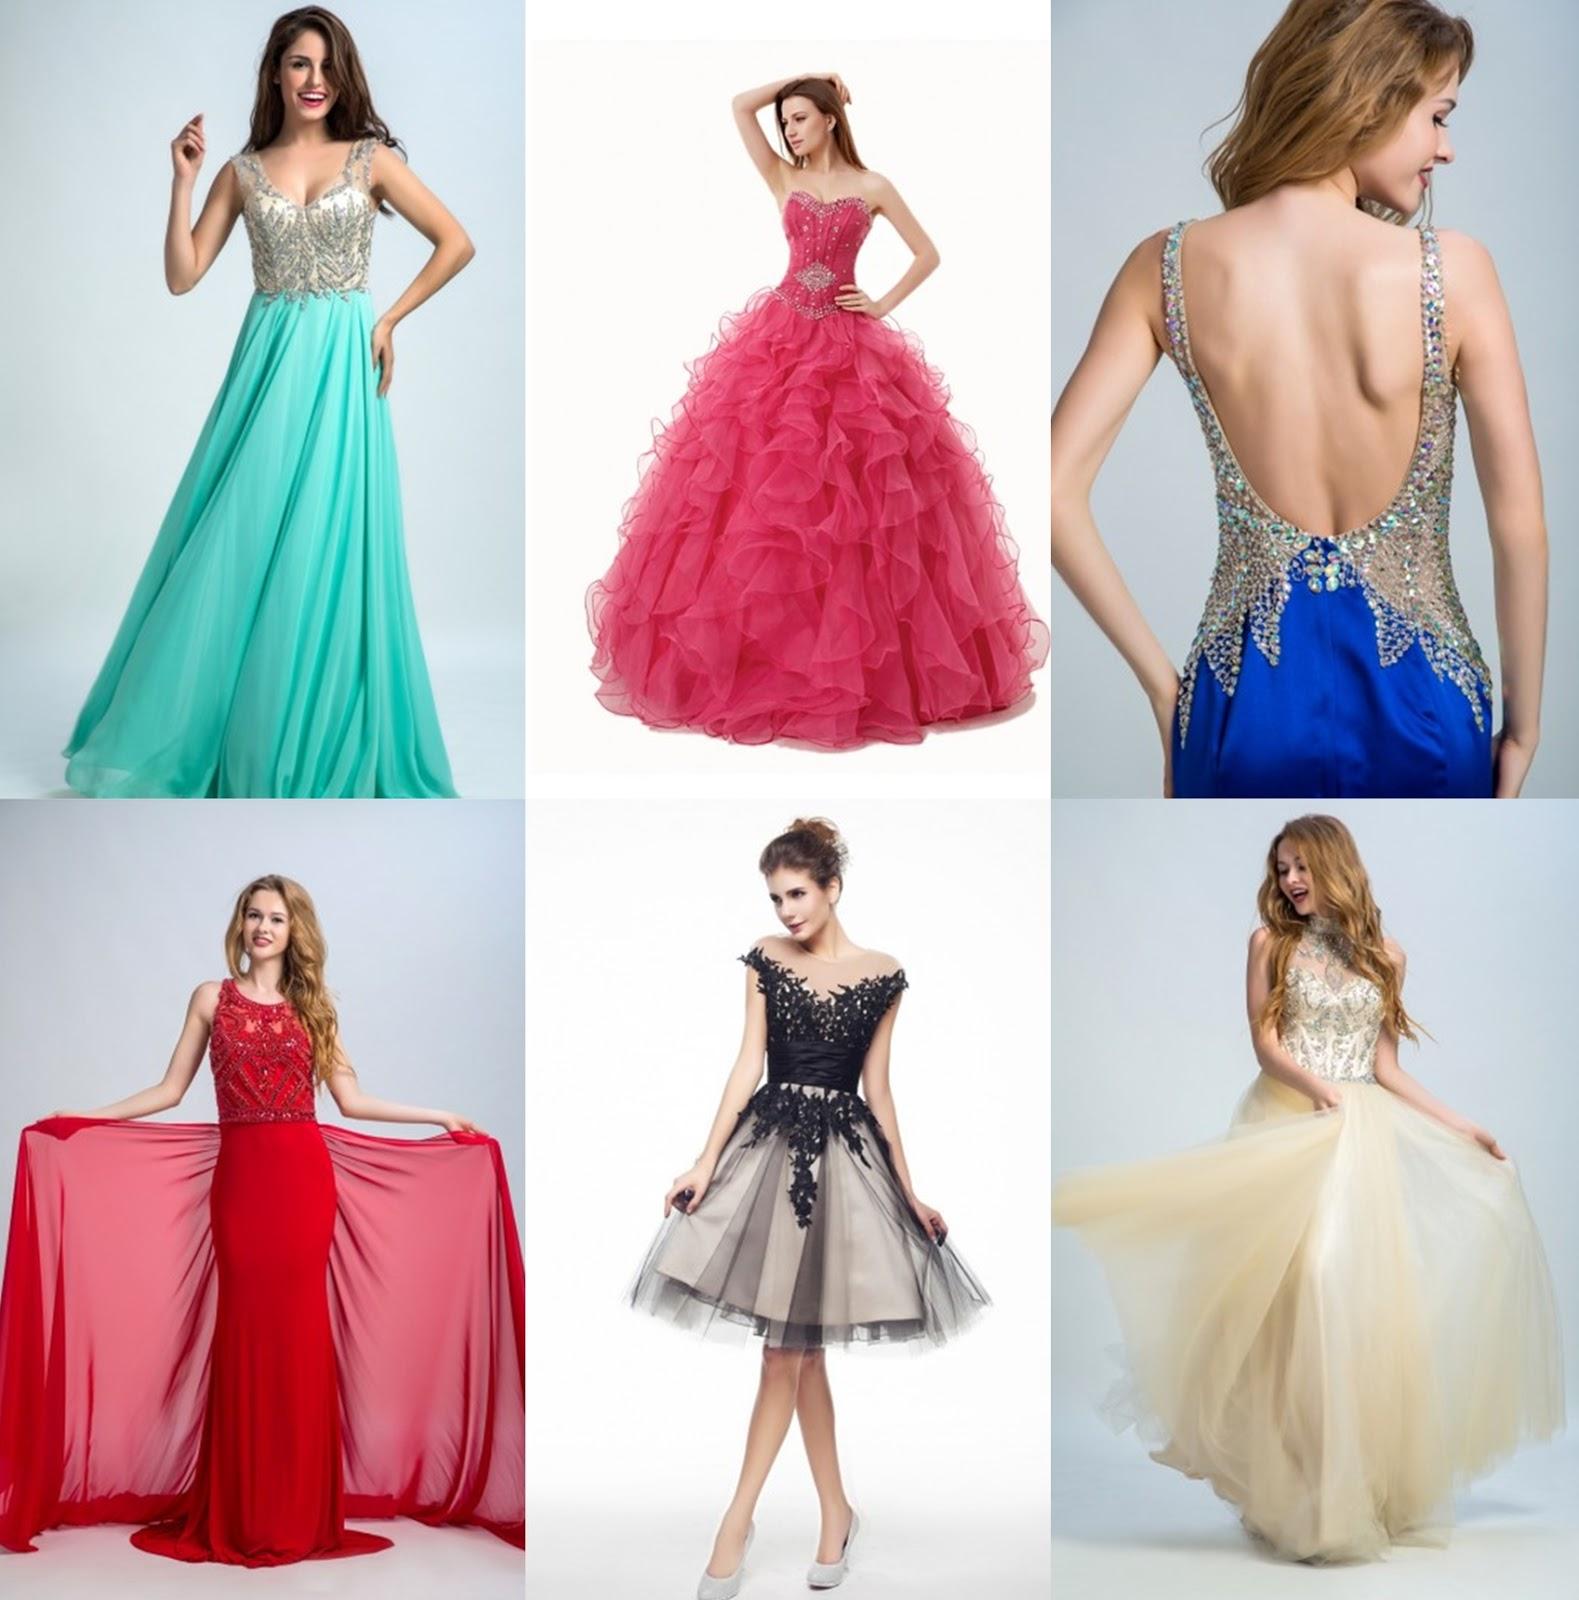 Prom Dress- Prom Times